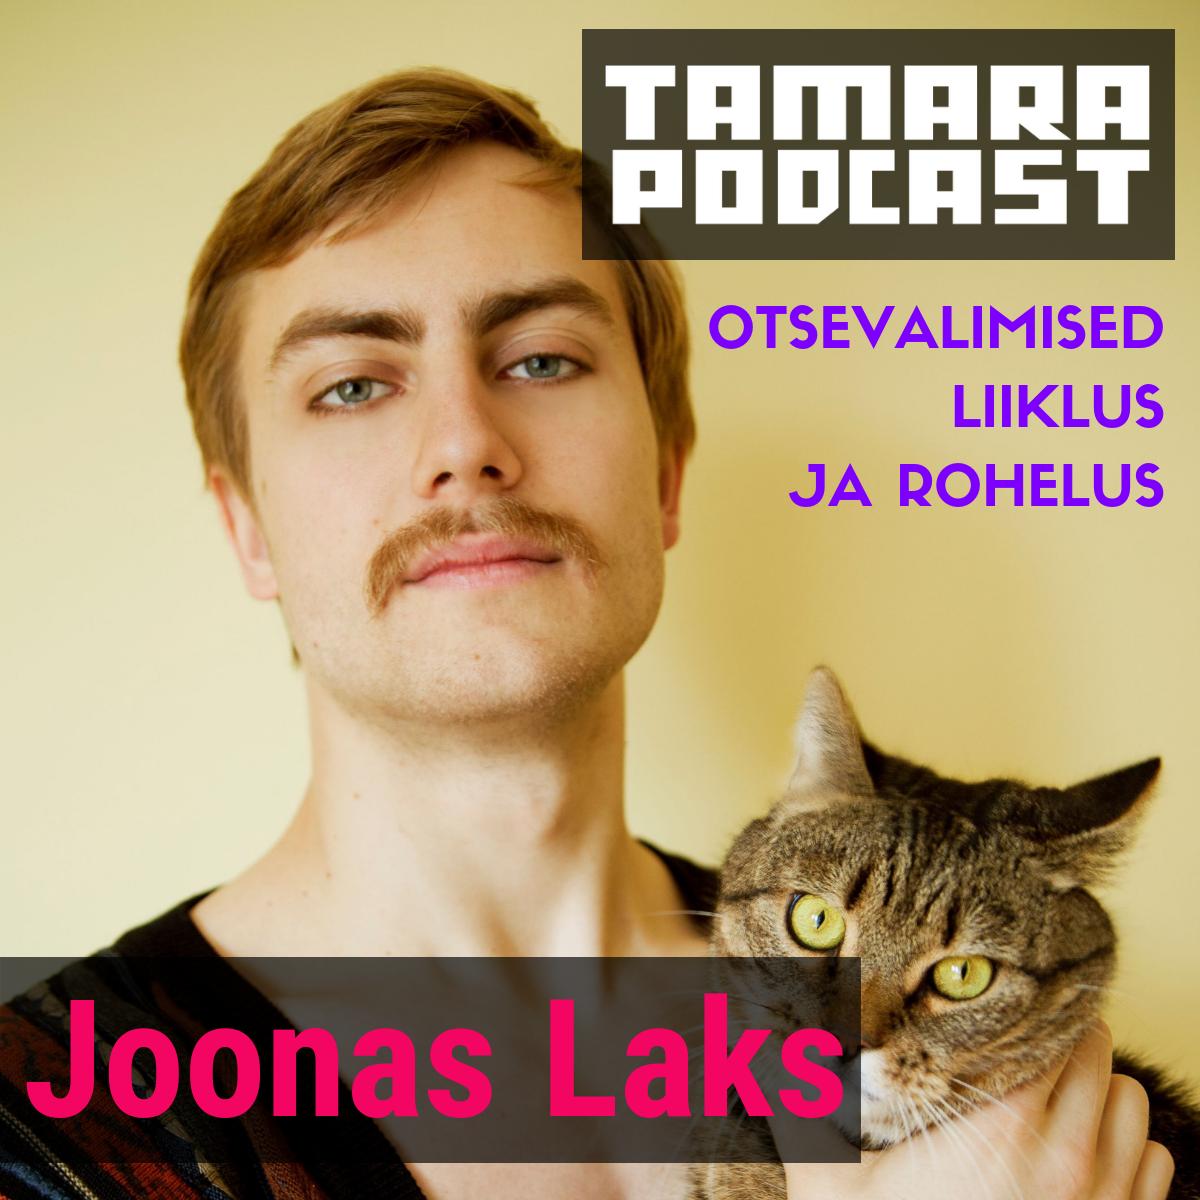 Joonas Laks Tamara Podcast